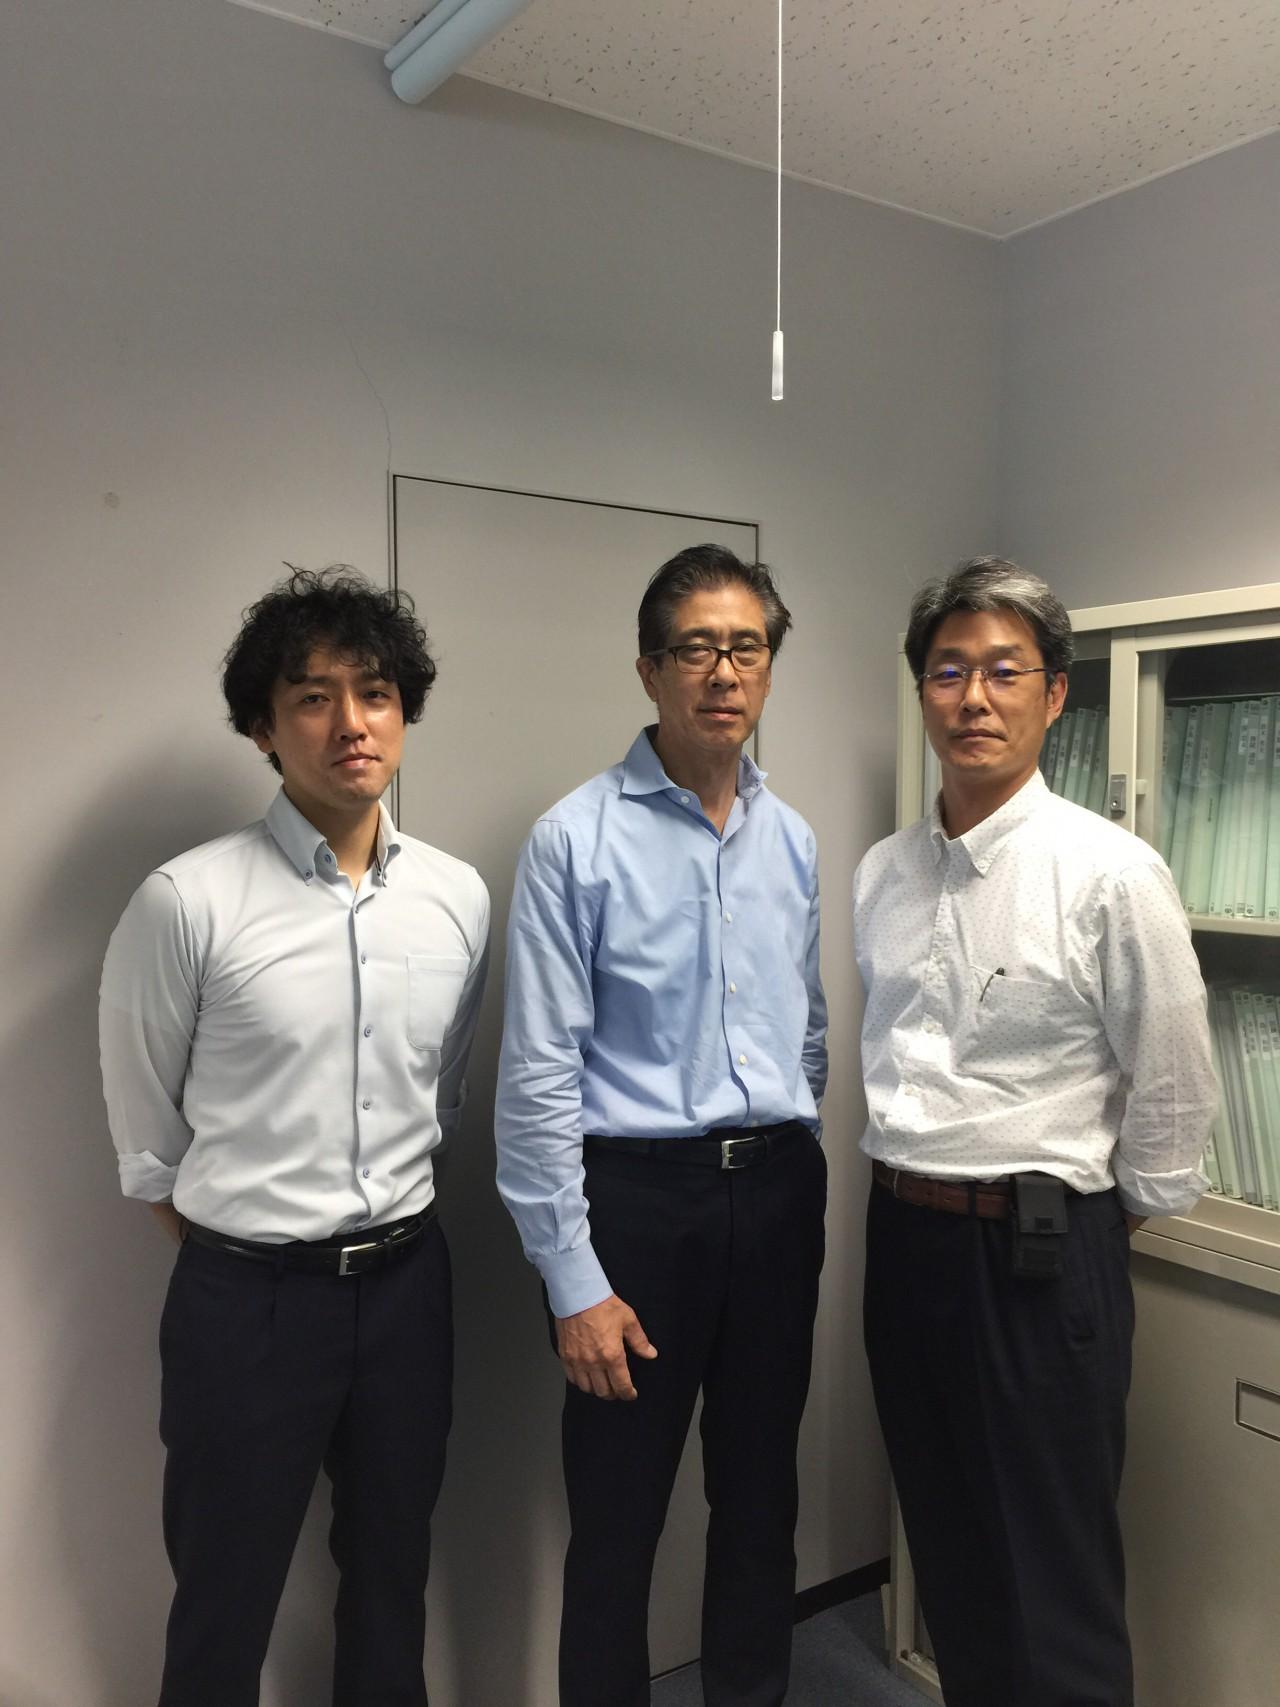 福島会計事務所